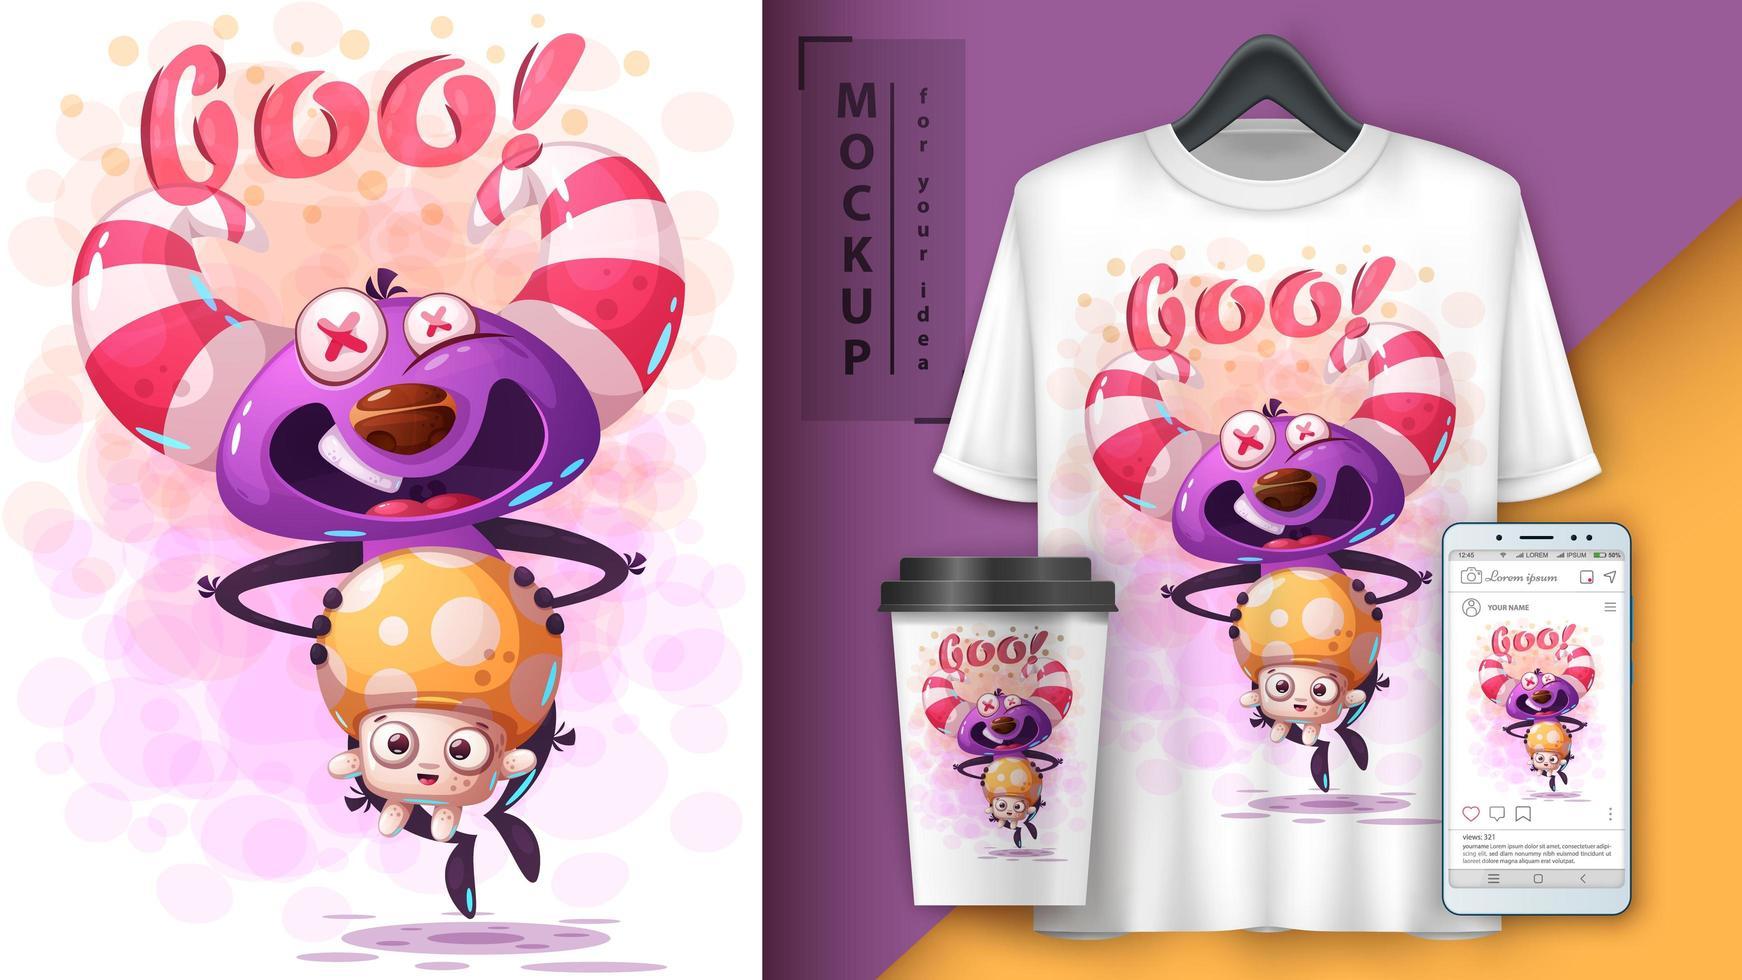 Cartoon Monster Holding Cute Mushroom Poster  vector